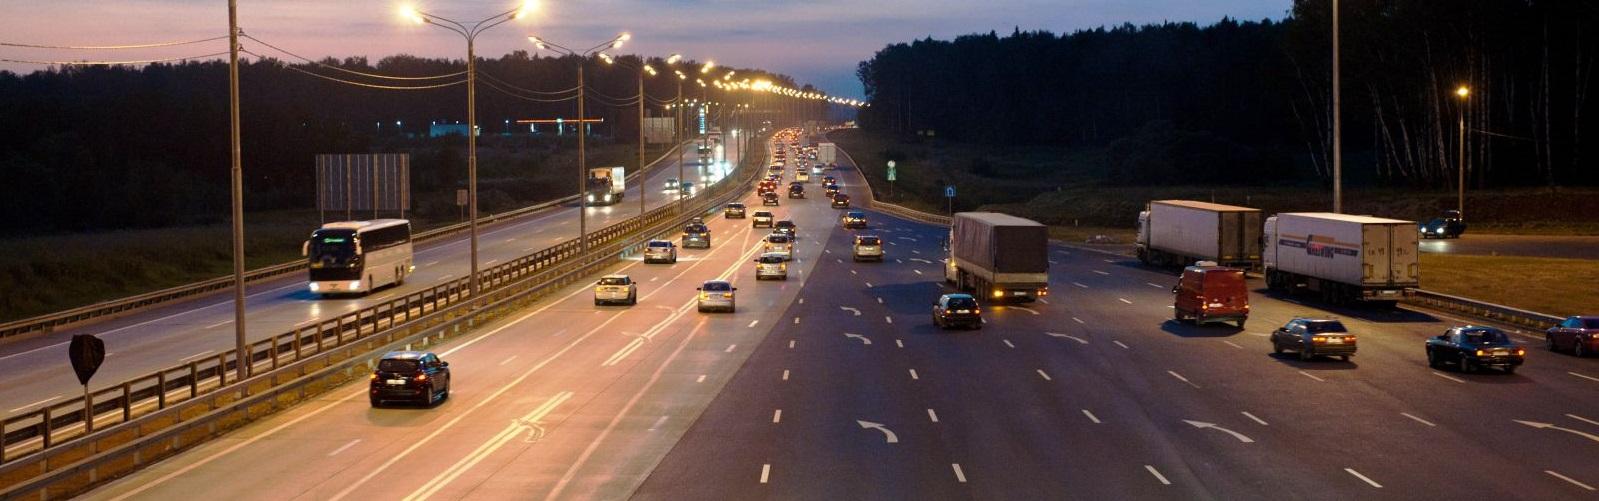 Грузоперевозки из Москвы в область Каширское шоссе